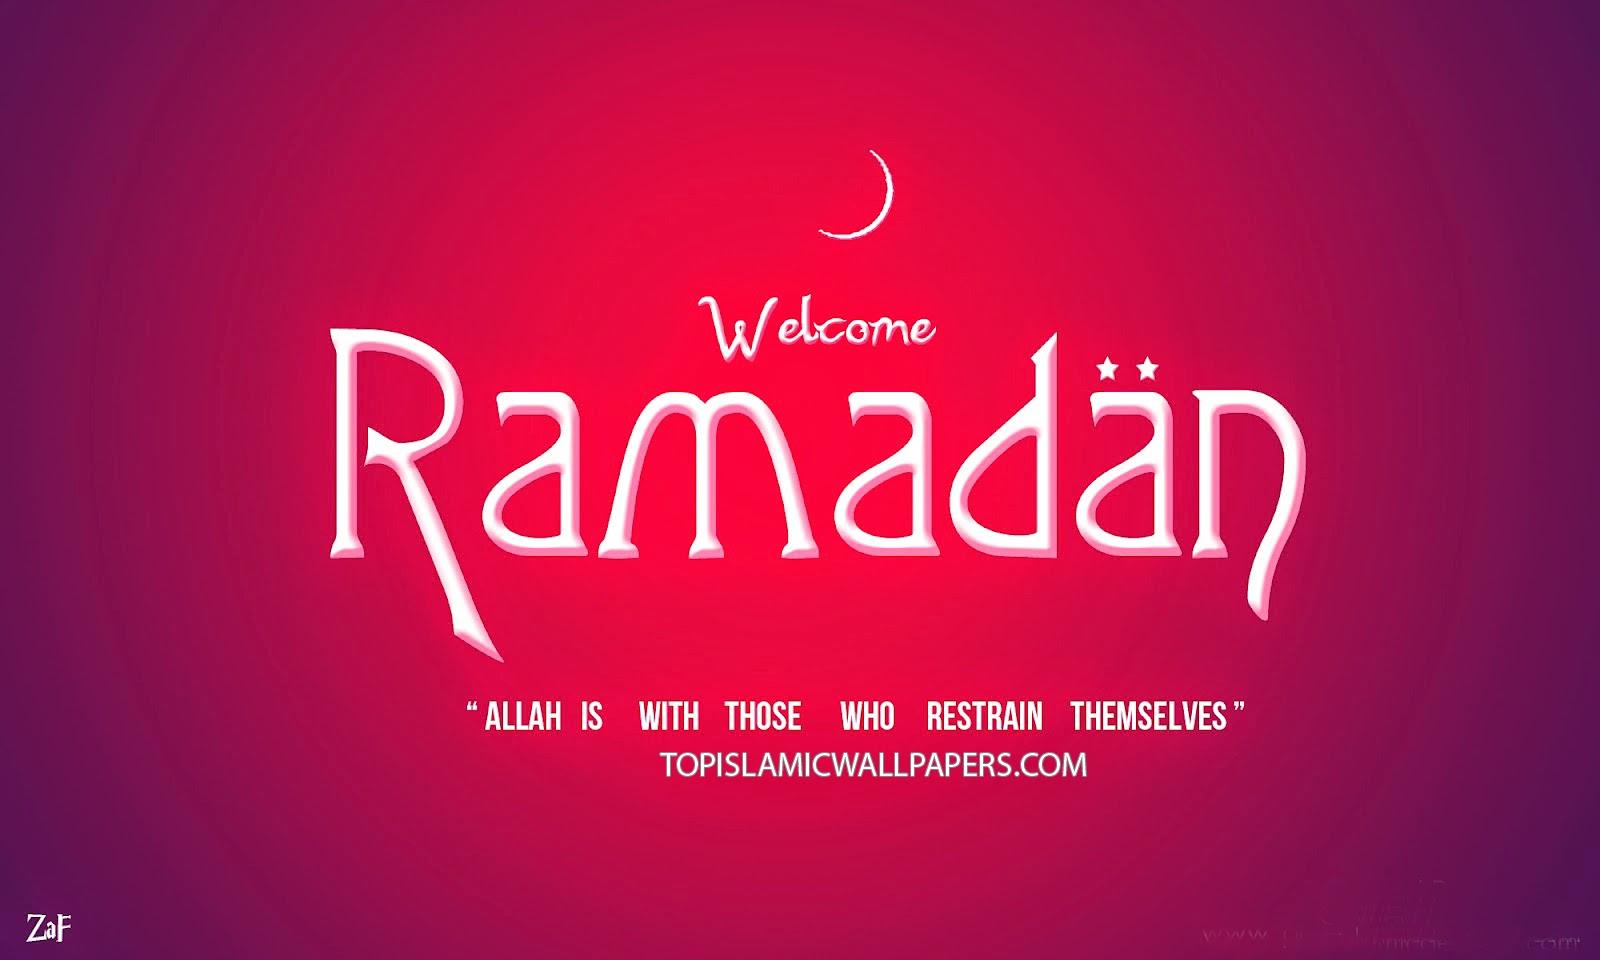 Welcome ramadan wallpapers islamic HD